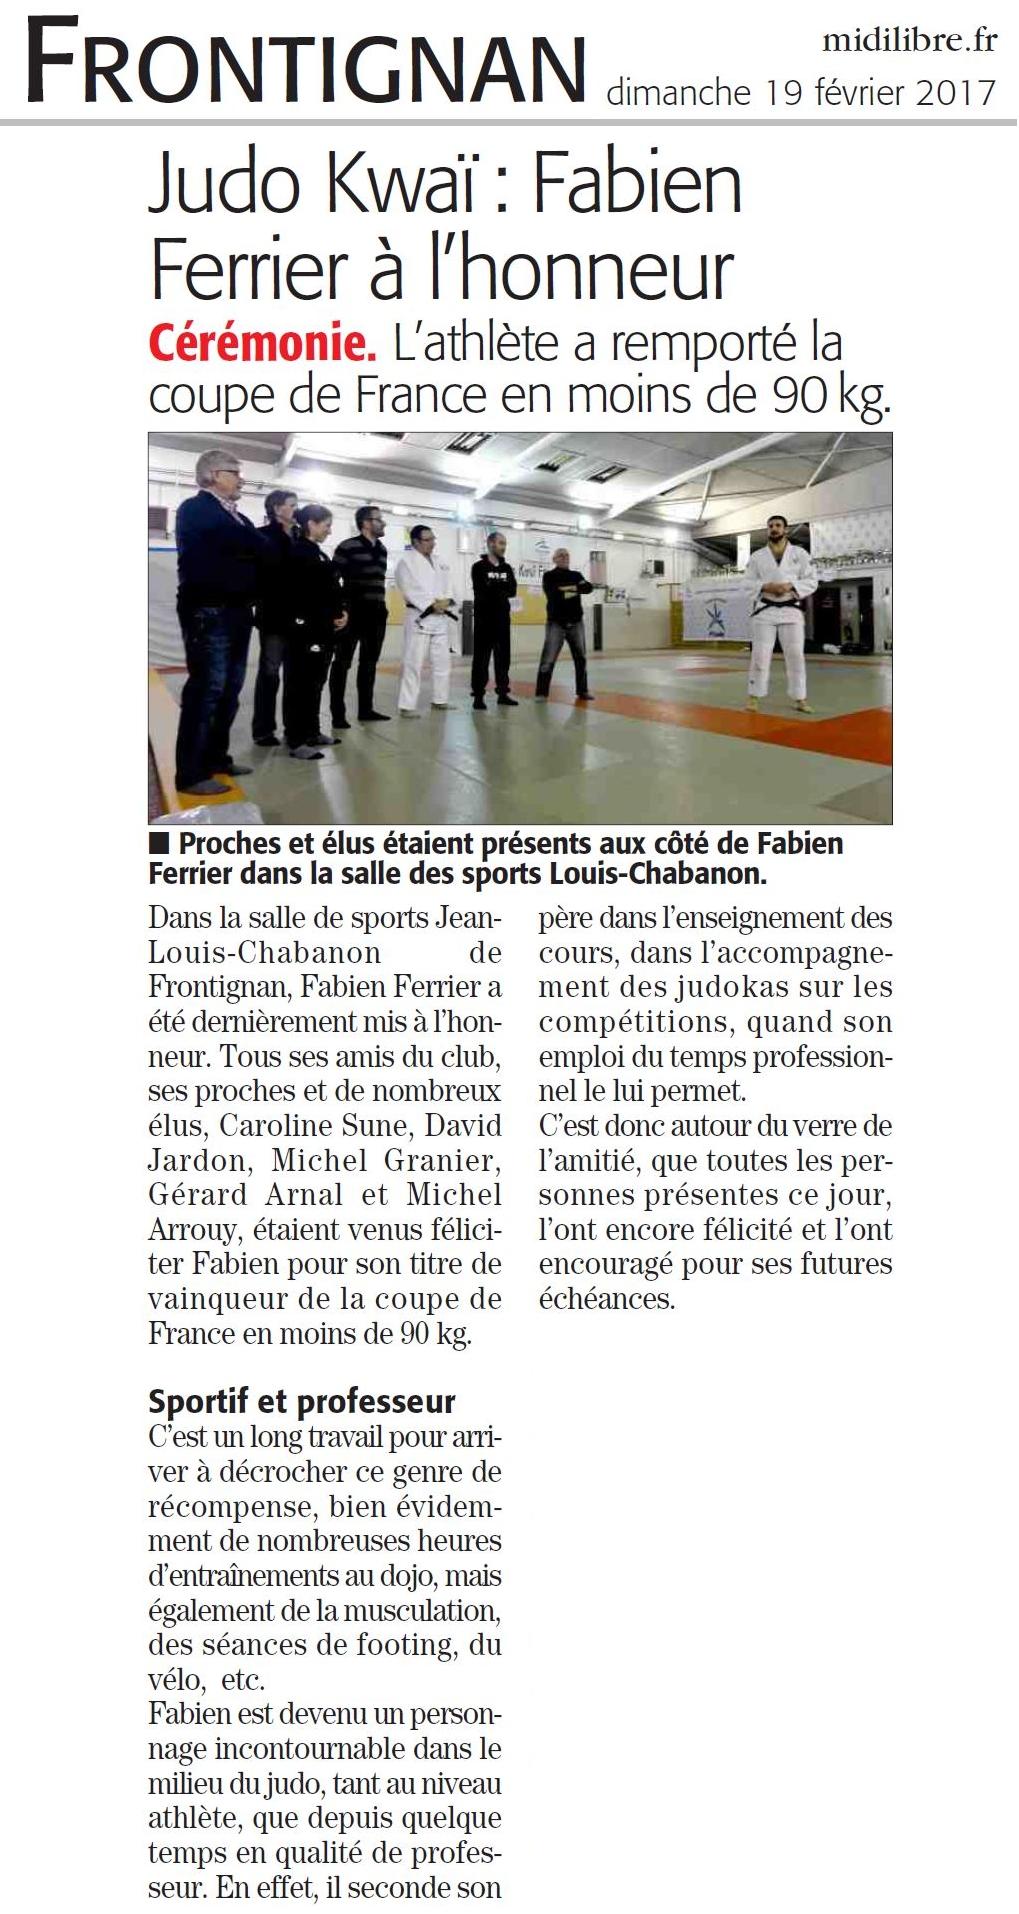 19 Février 2017 (Midi Libre): Fabien Ferrier à l'honneur